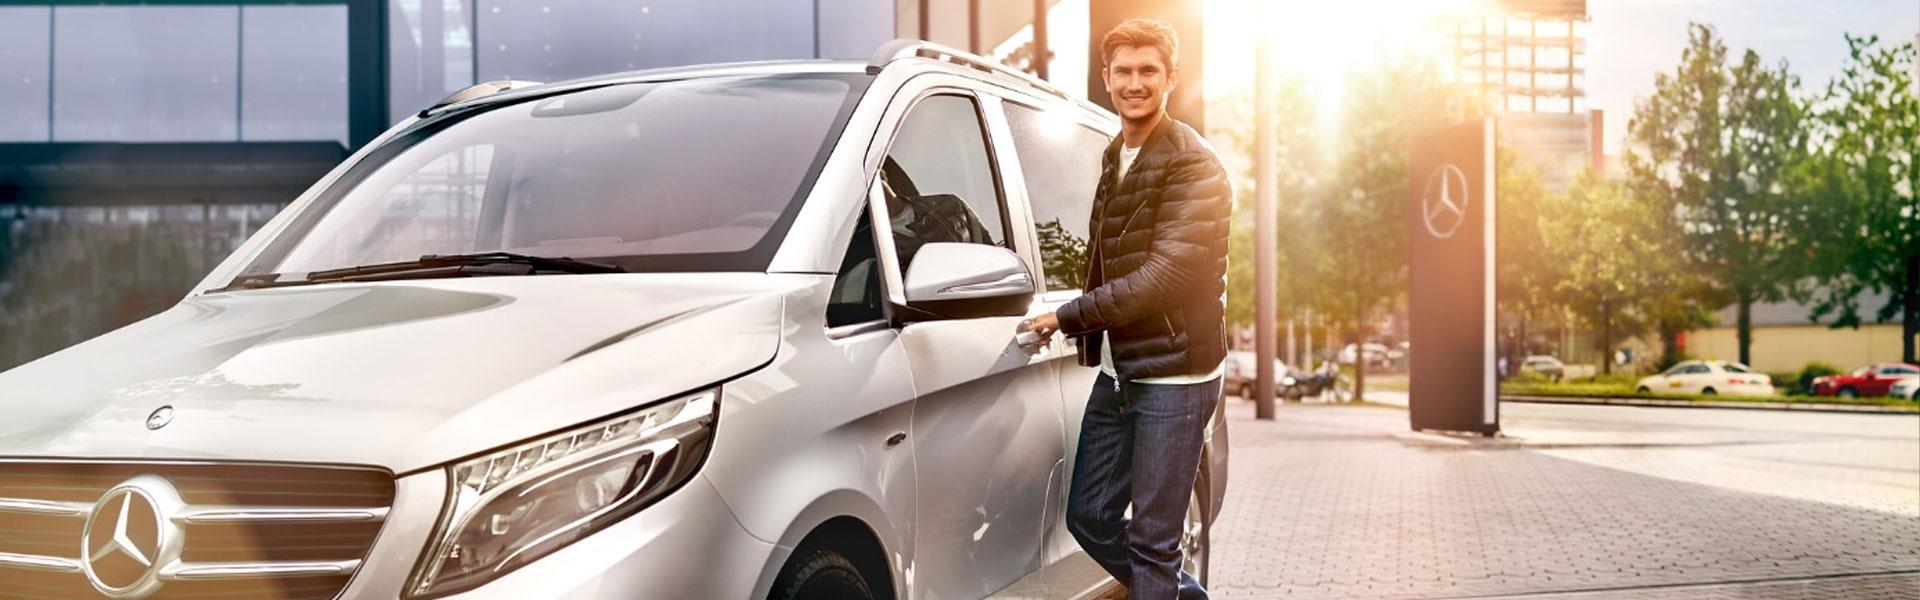 Mercedes-Benz-Brinkmann-Transporter-Garantie-Paket-Garantie-Paket-im-Anschluss-an-Herstellergarantie-Header